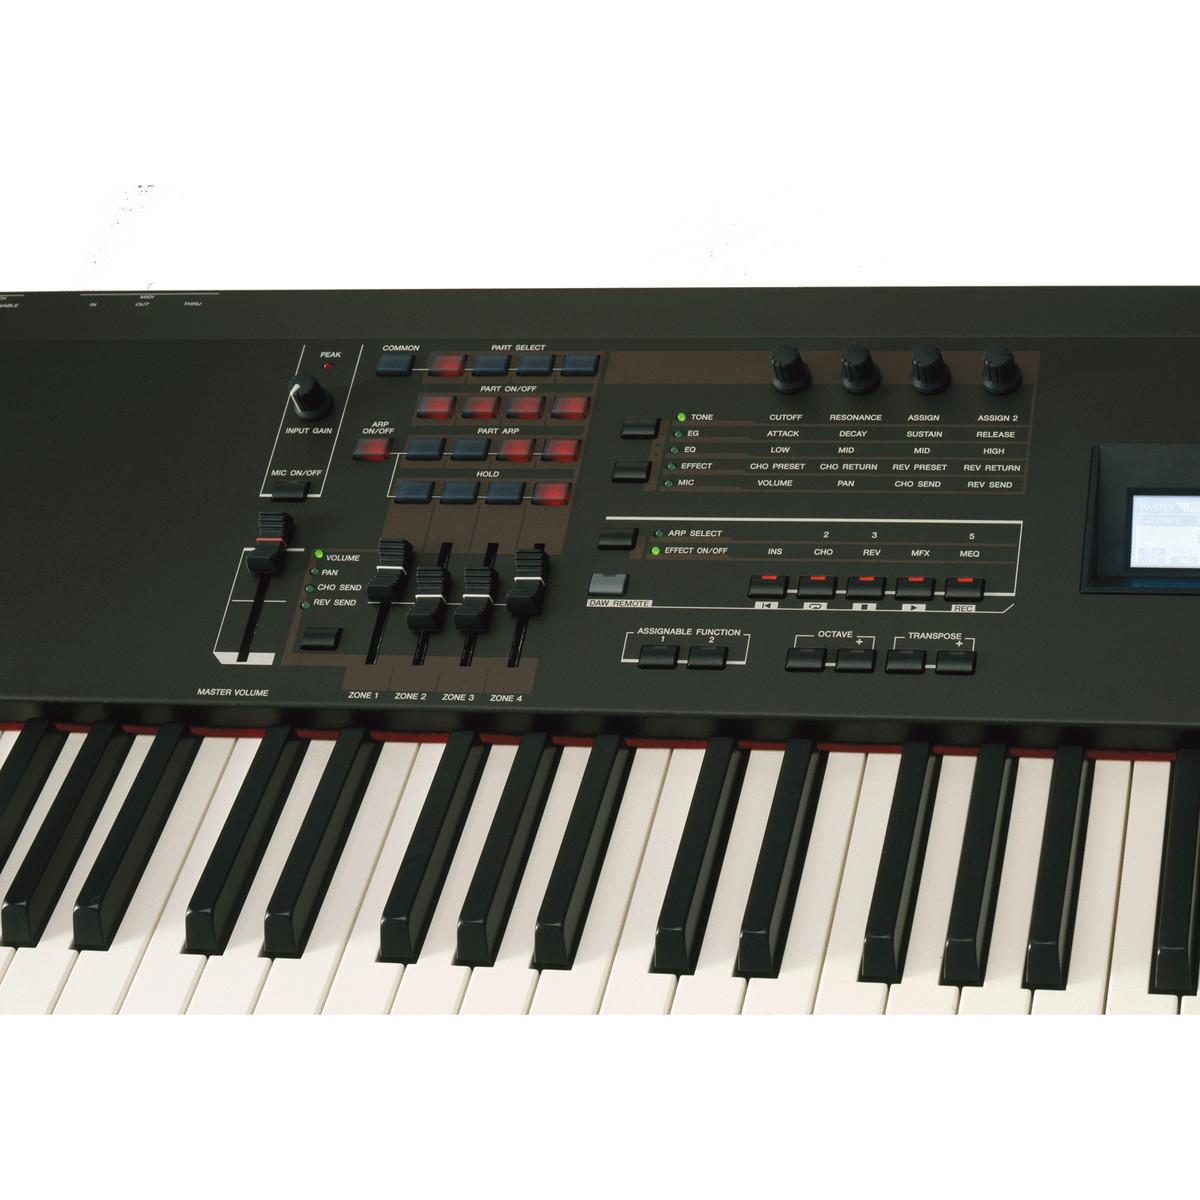 Yamaha s90 keyboard